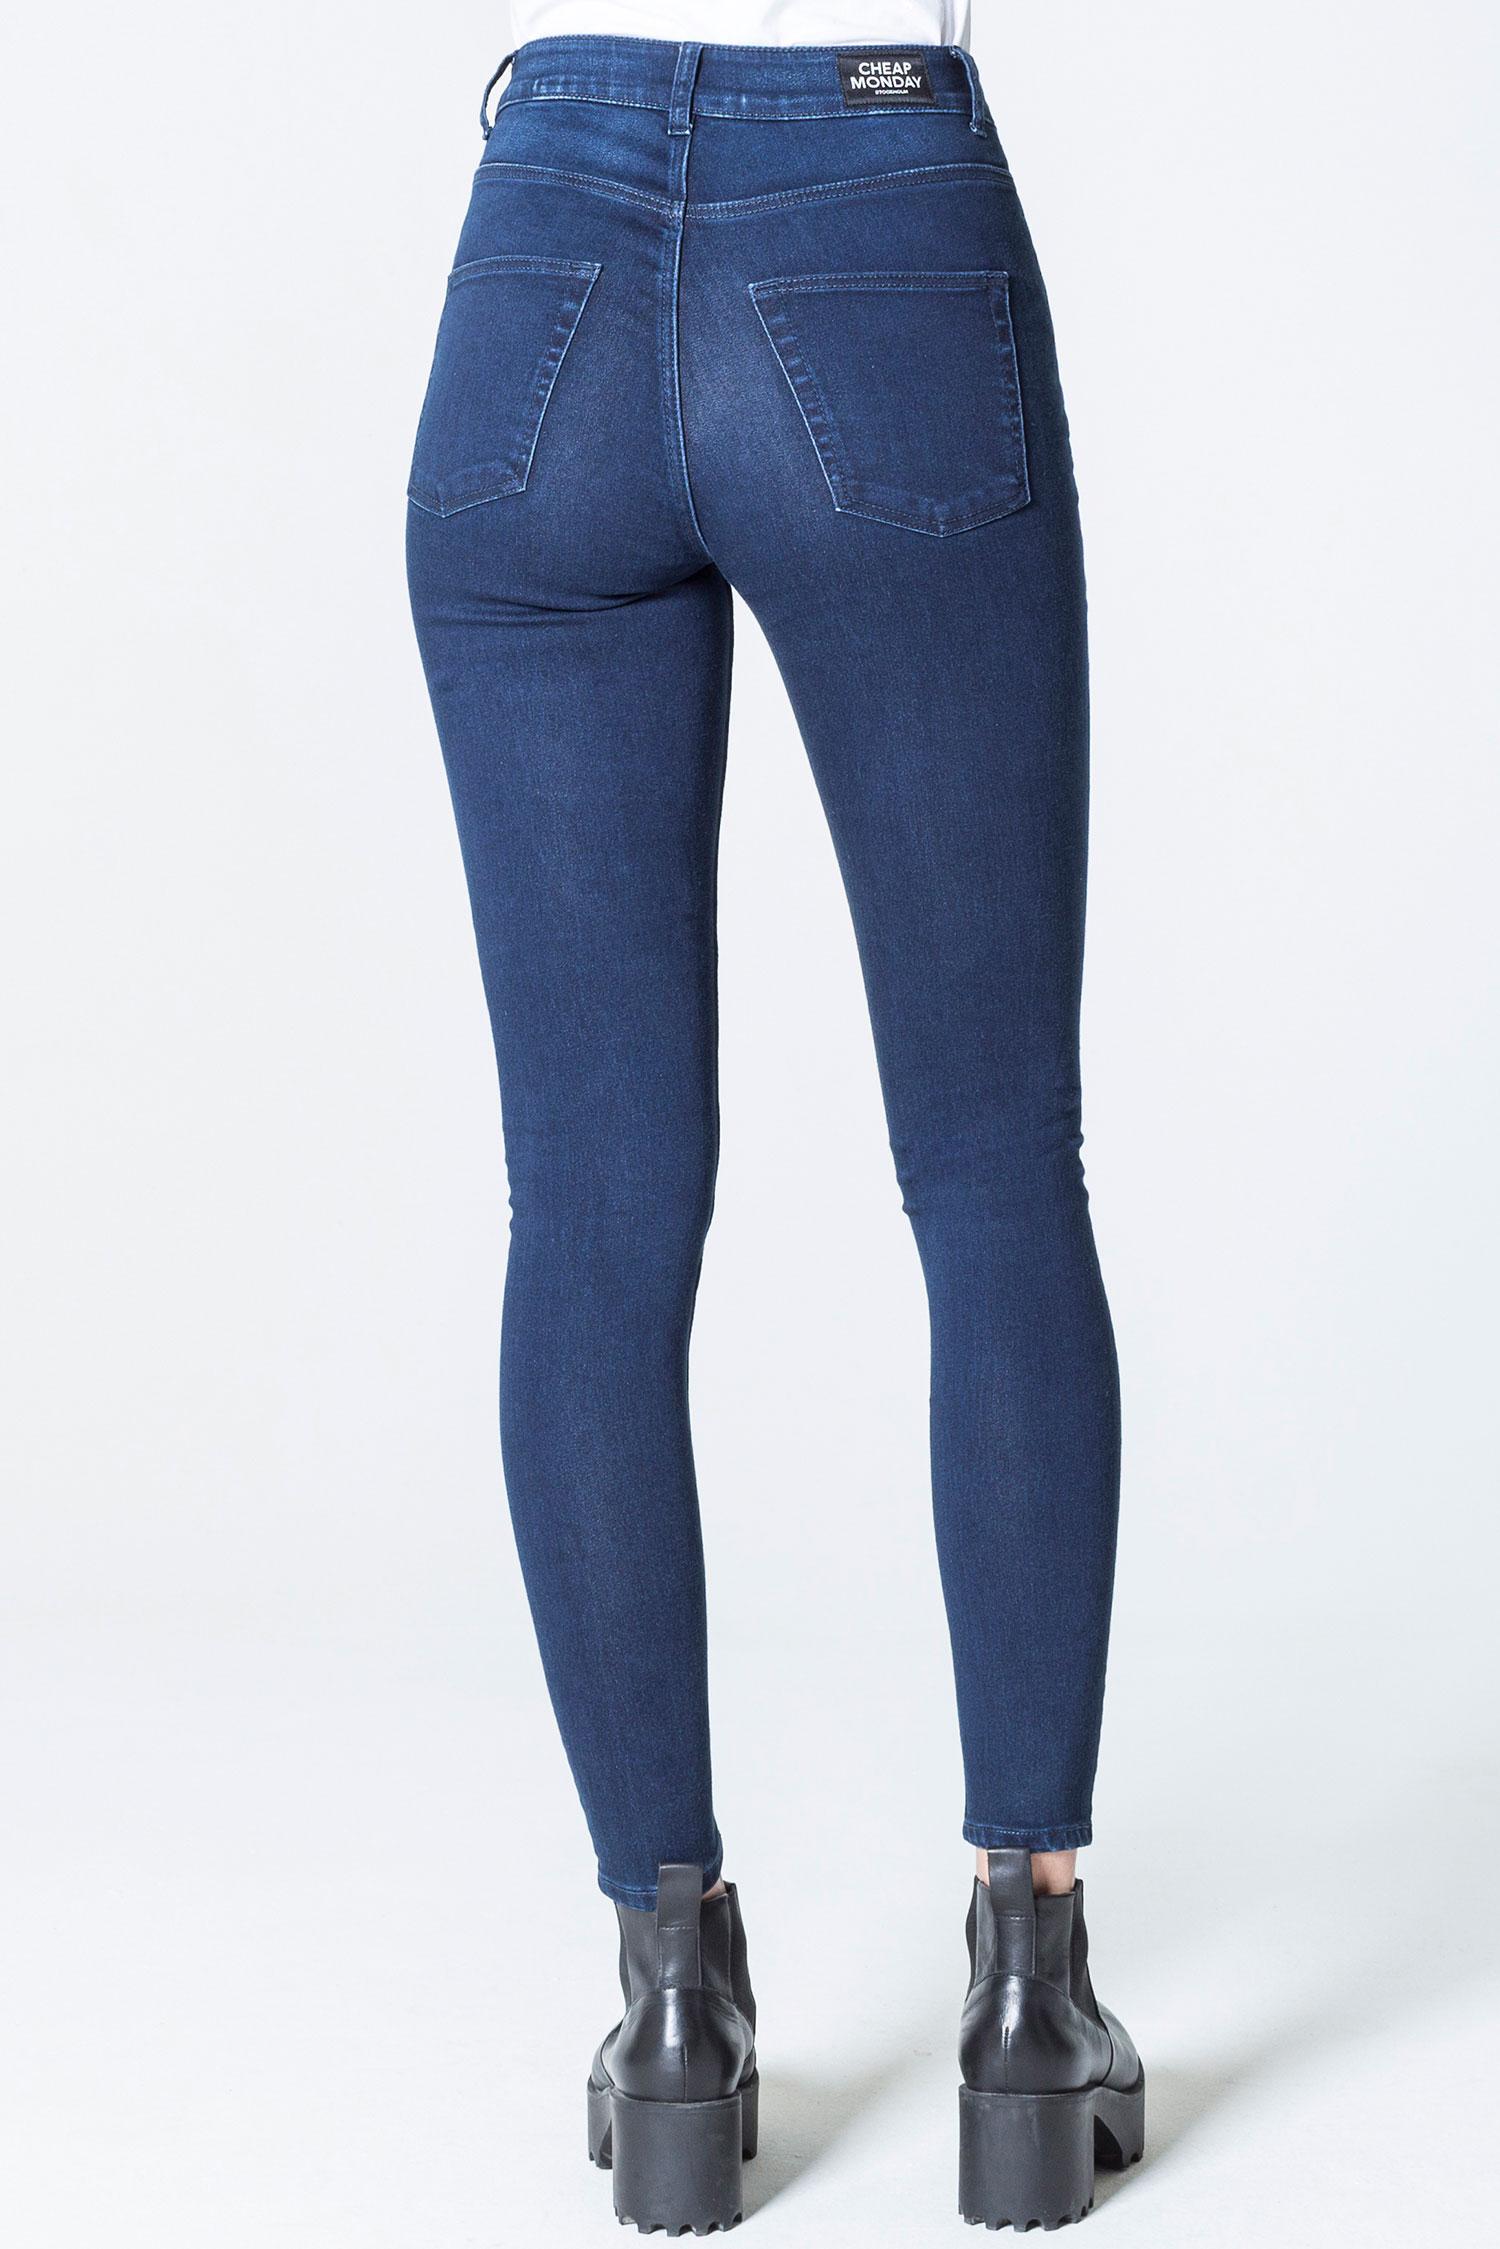 Cheap Monday Image 1 of Revive Vintage Black Jeans in Vintage Black … 91e75c73a1c